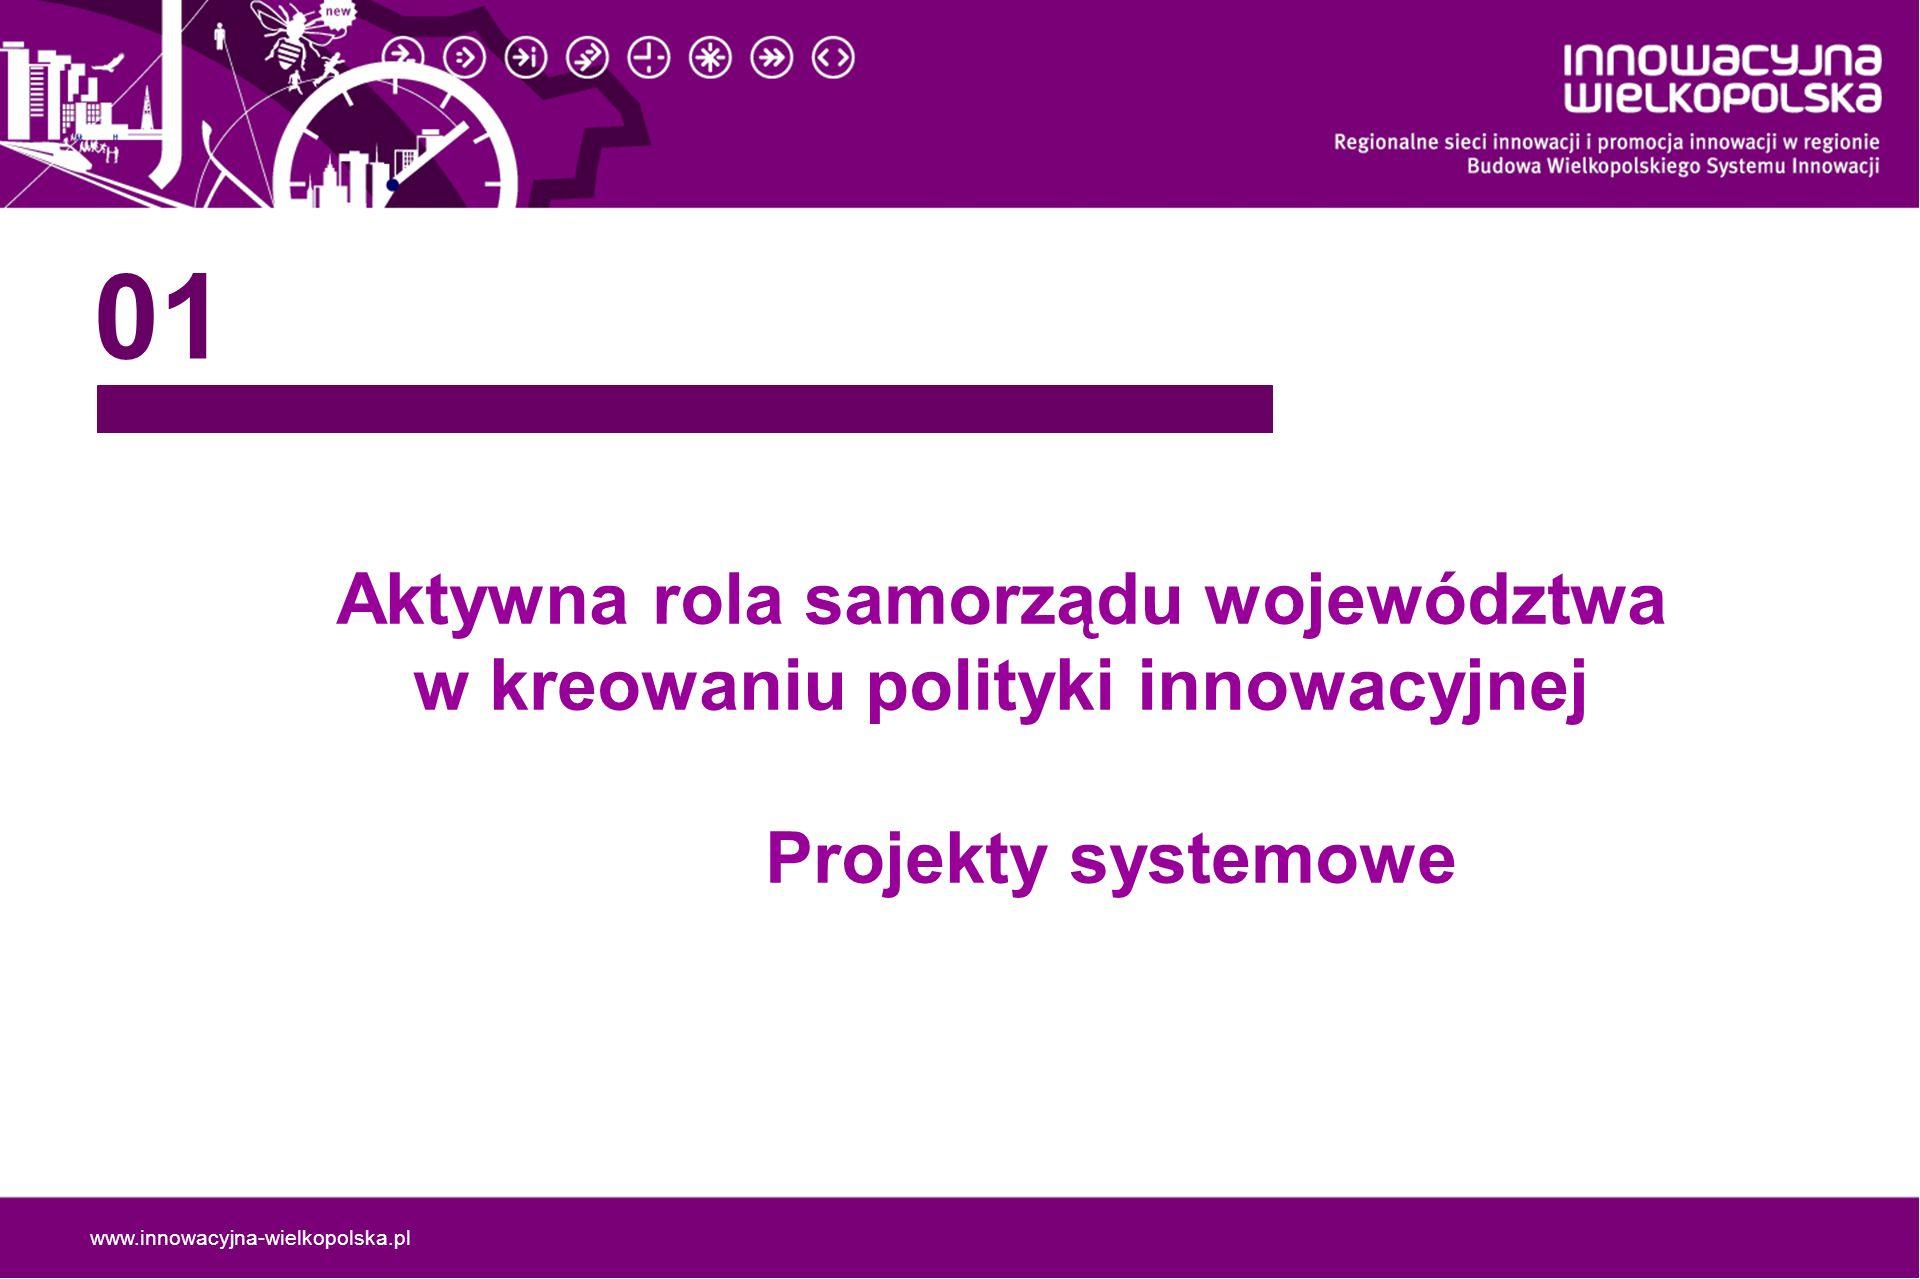 www.innowacyjna-wielkopolska.pl Działania planowane do realizacji w ramach projektów systemowych w 2009 roku 12 Sieci Współpracy Wiedza - badania sieci, badania potencjału branż, spotkania Współpraca - platforma wymiany doświadczeń Usługi - design, turystyka (analizy, spotkania, promocja, wizyty studyjne